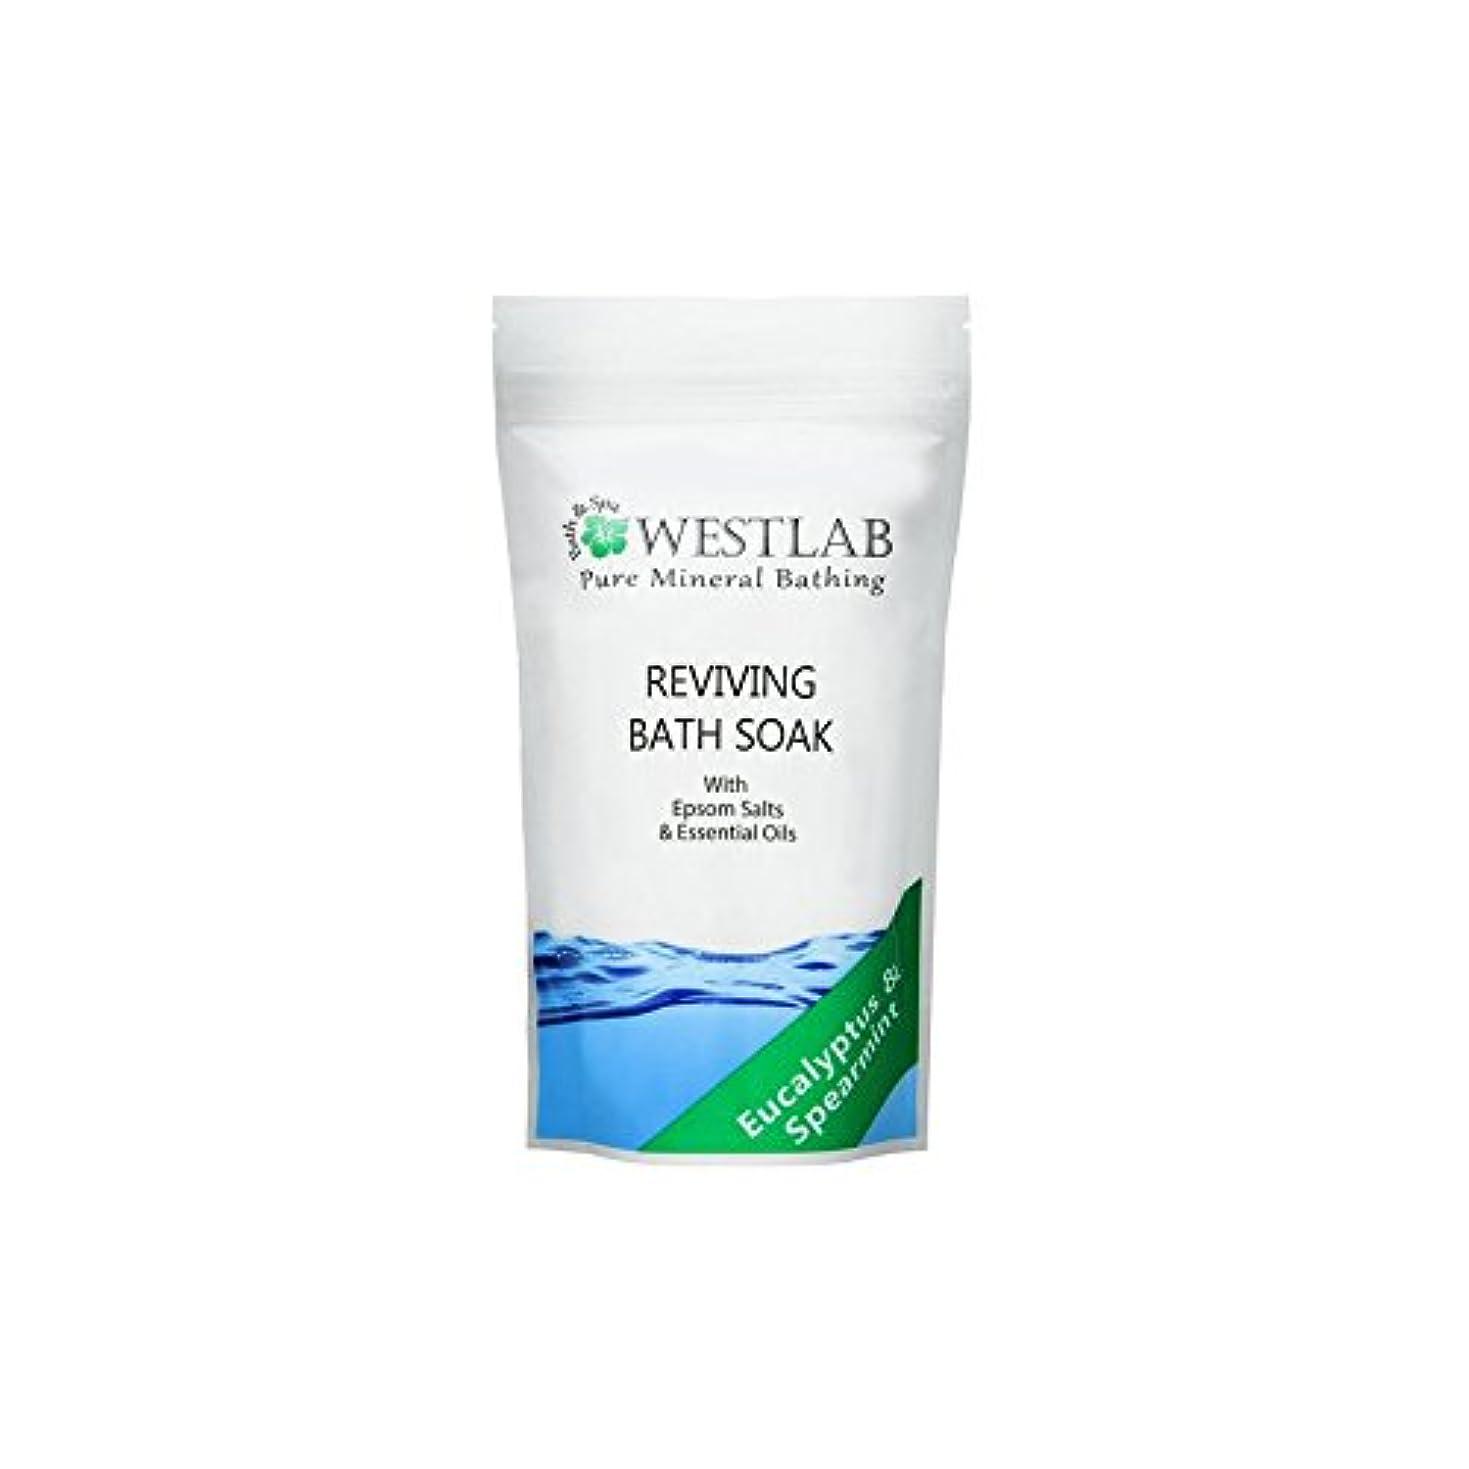 失状本当のことを言うと(500グラム)をソークエプソム塩浴を復活させます x2 - Westlab Revive Epsom Salt Bath Soak (500g) (Pack of 2) [並行輸入品]